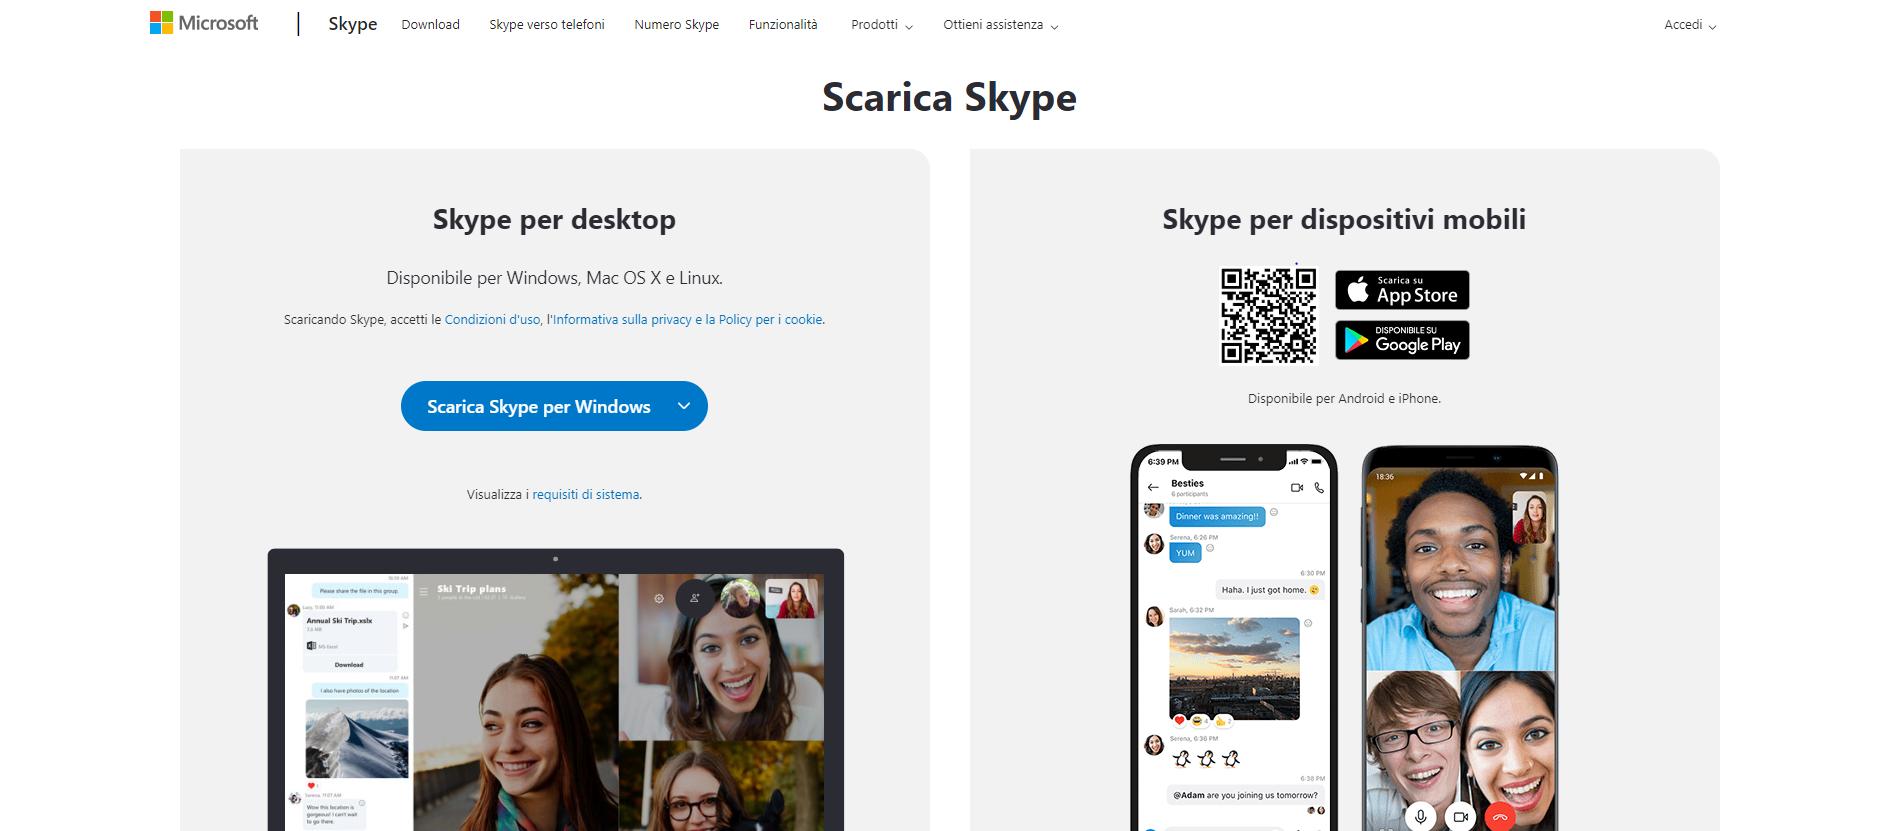 come installare skype windows